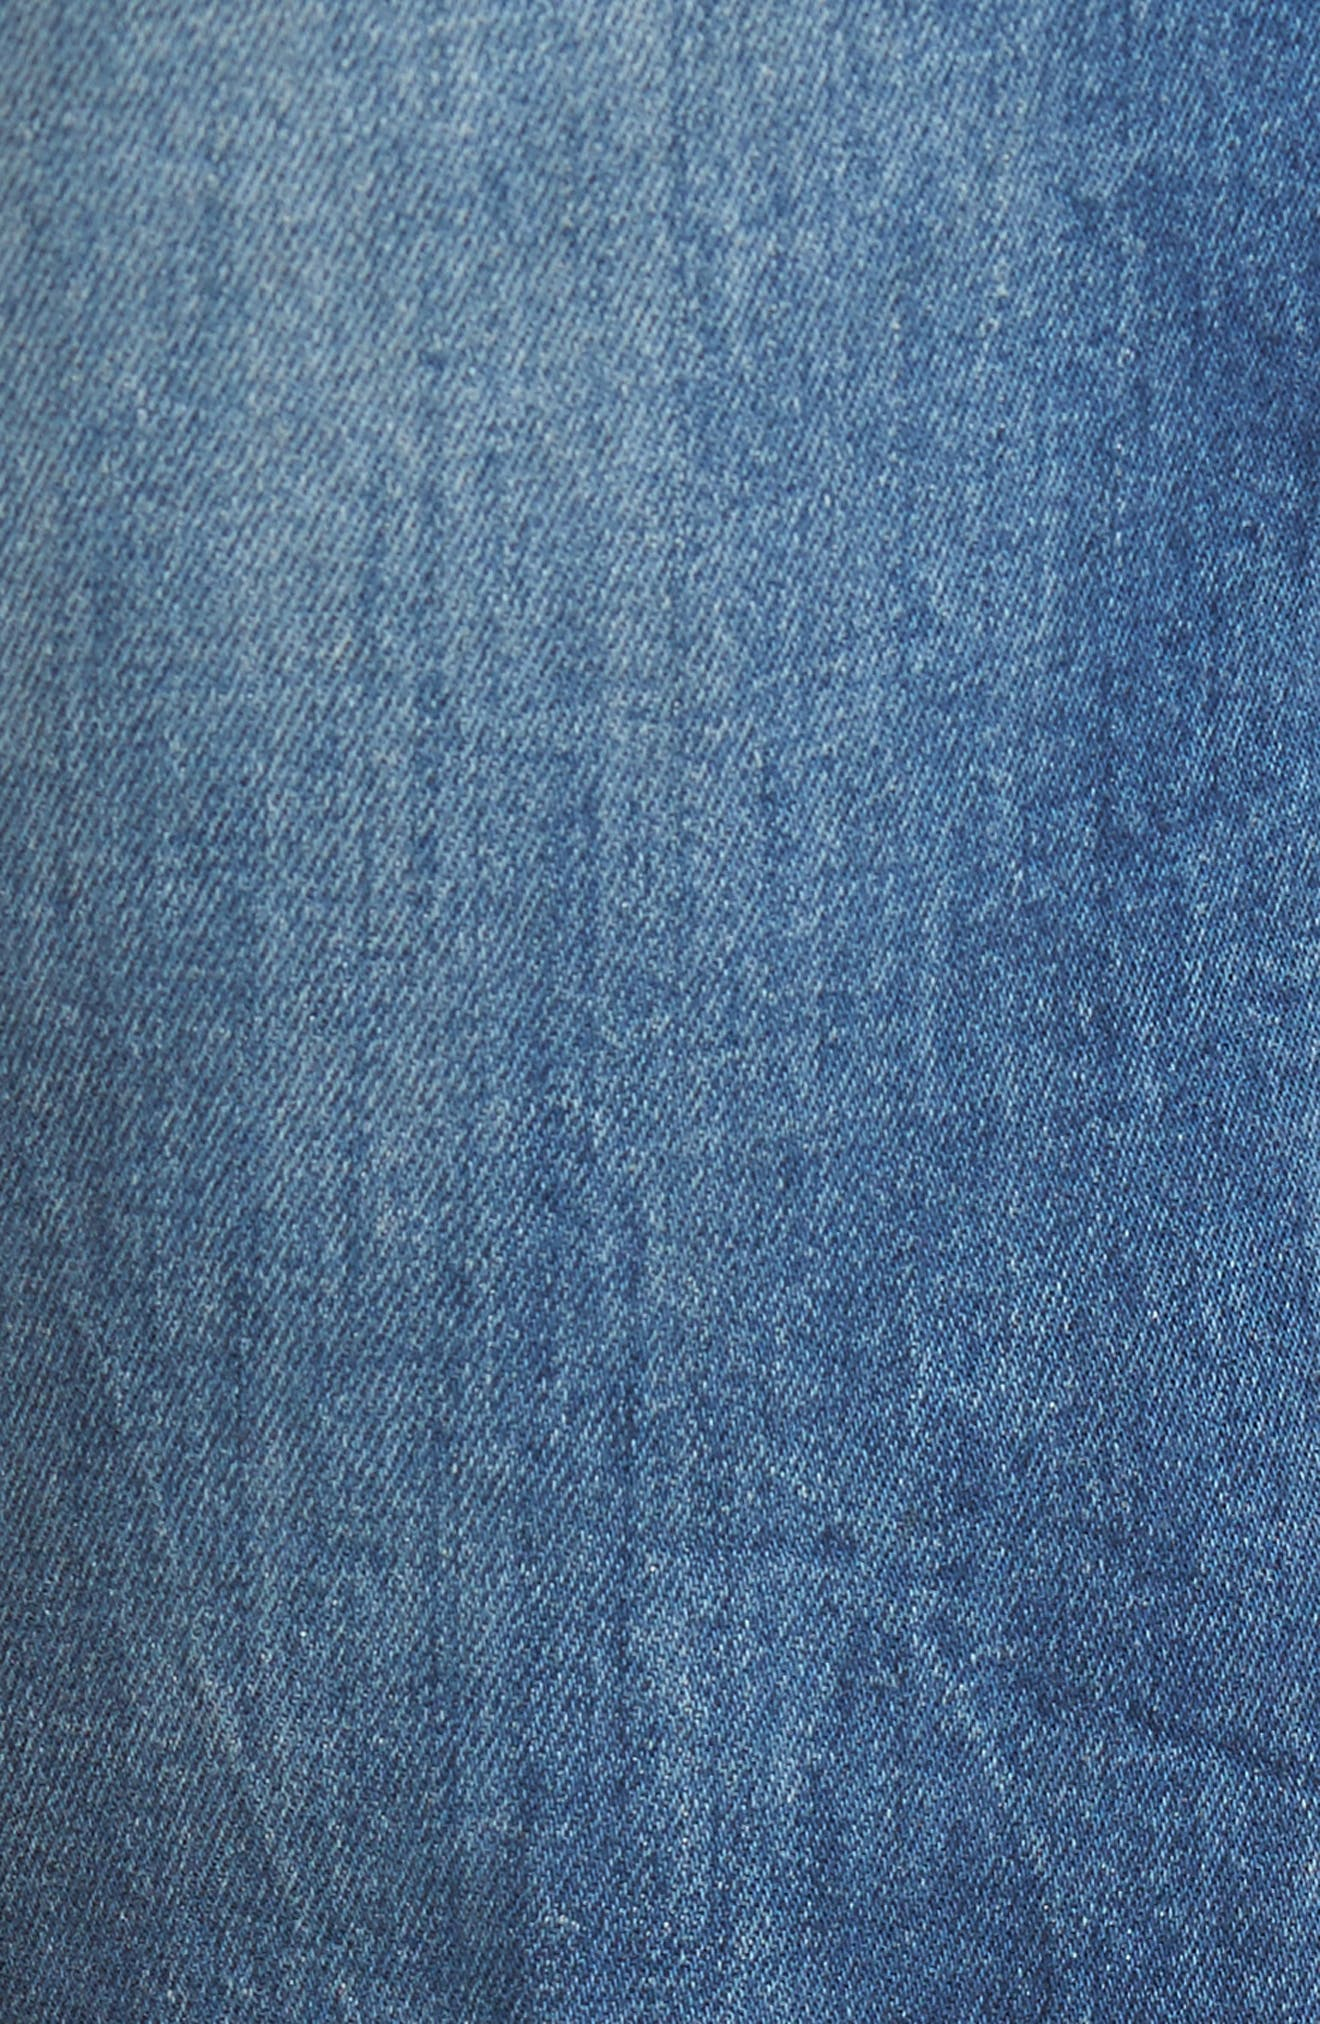 Everett Slim Straight Leg Jeans,                             Alternate thumbnail 5, color,                             429